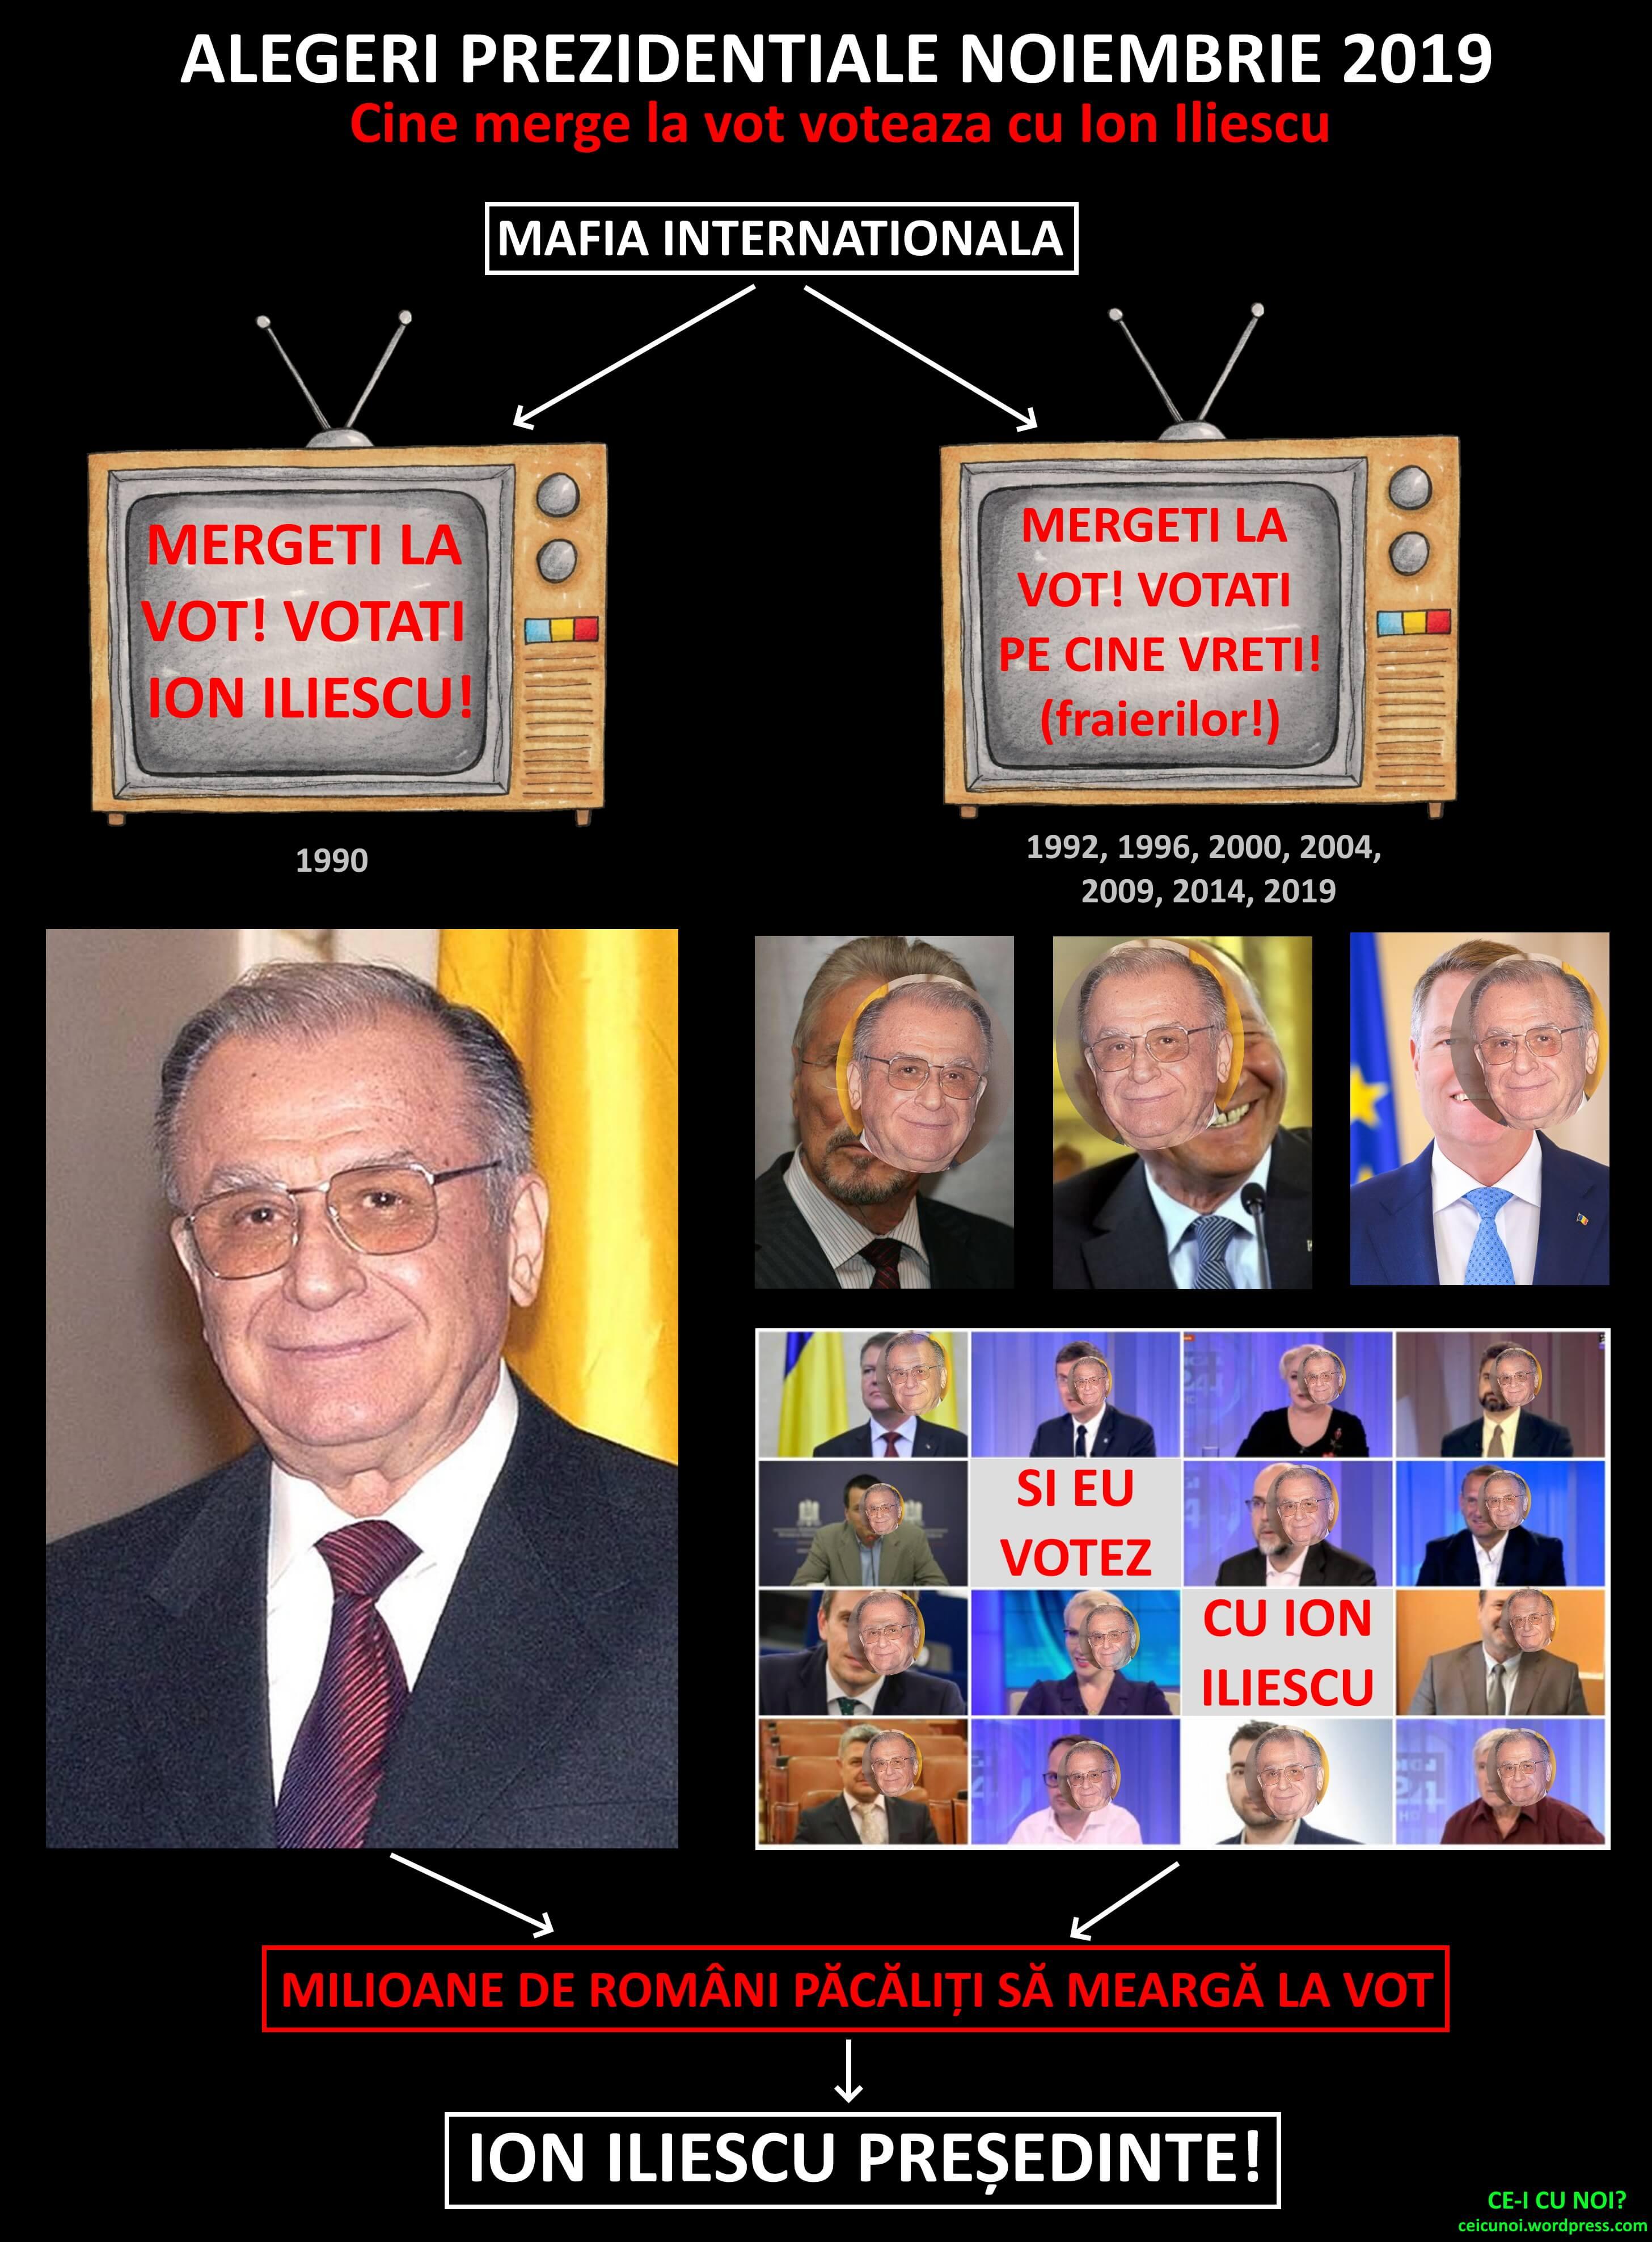 rezultat-alegeri-prezidentiale-noiembrie-2019-ion-iliescu-presedinte-blog-ceicunoi-ok